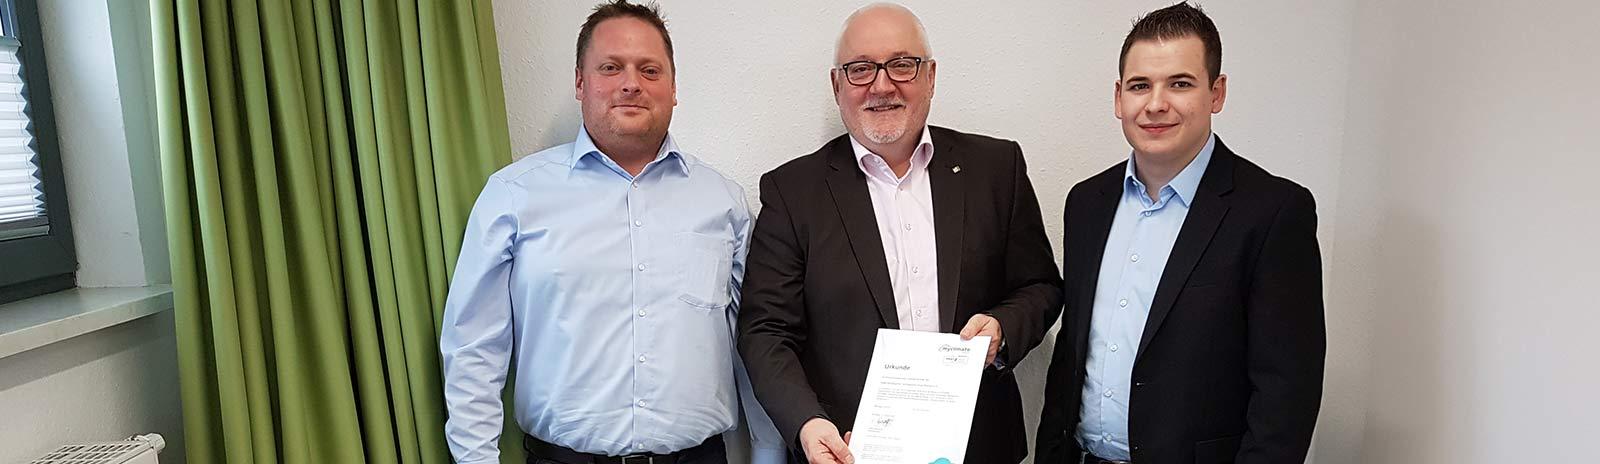 2019_11_25_VZ_Zertifikat_CO2_Einsparung_Slider